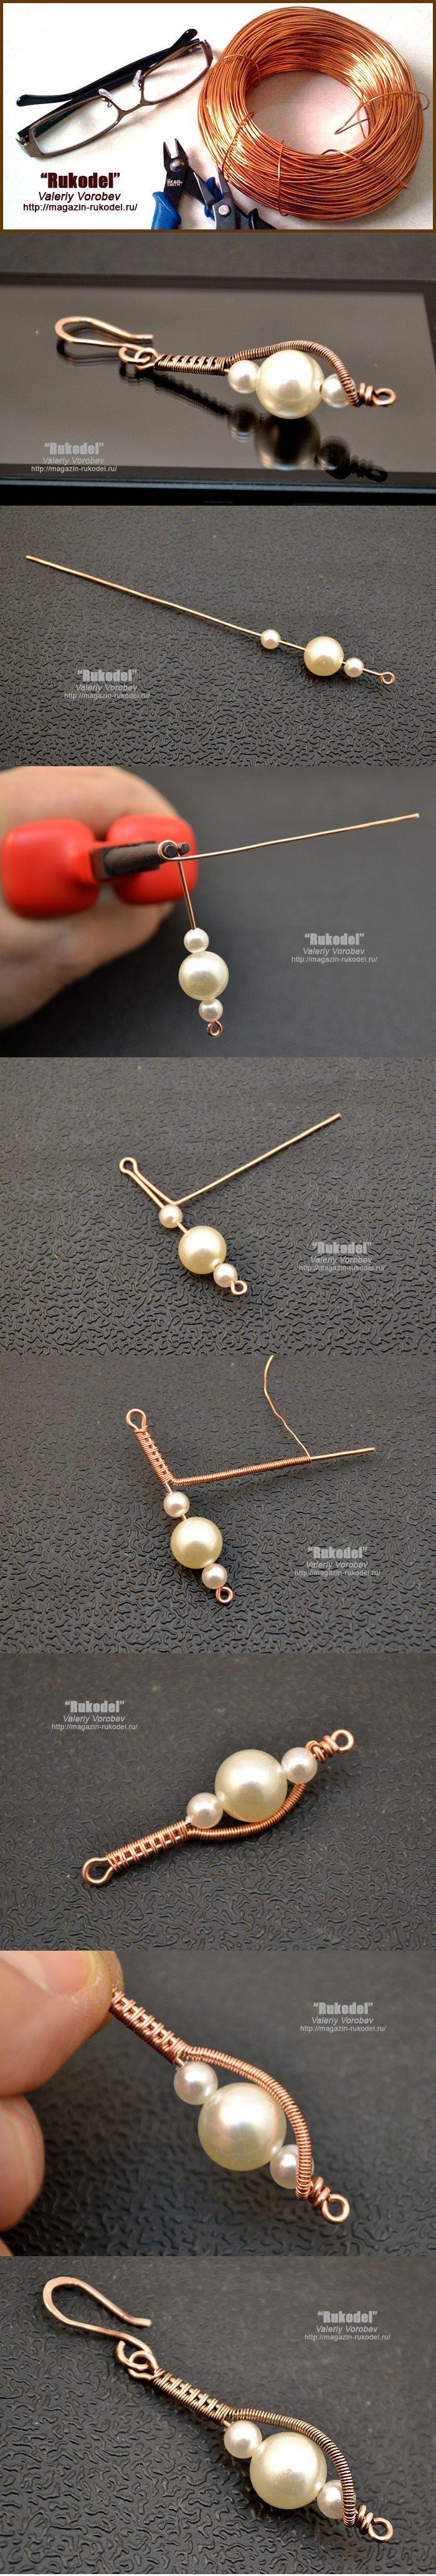 Wire Jewelry. Wire wrap tutorial - magazin-rukodel.ru/...